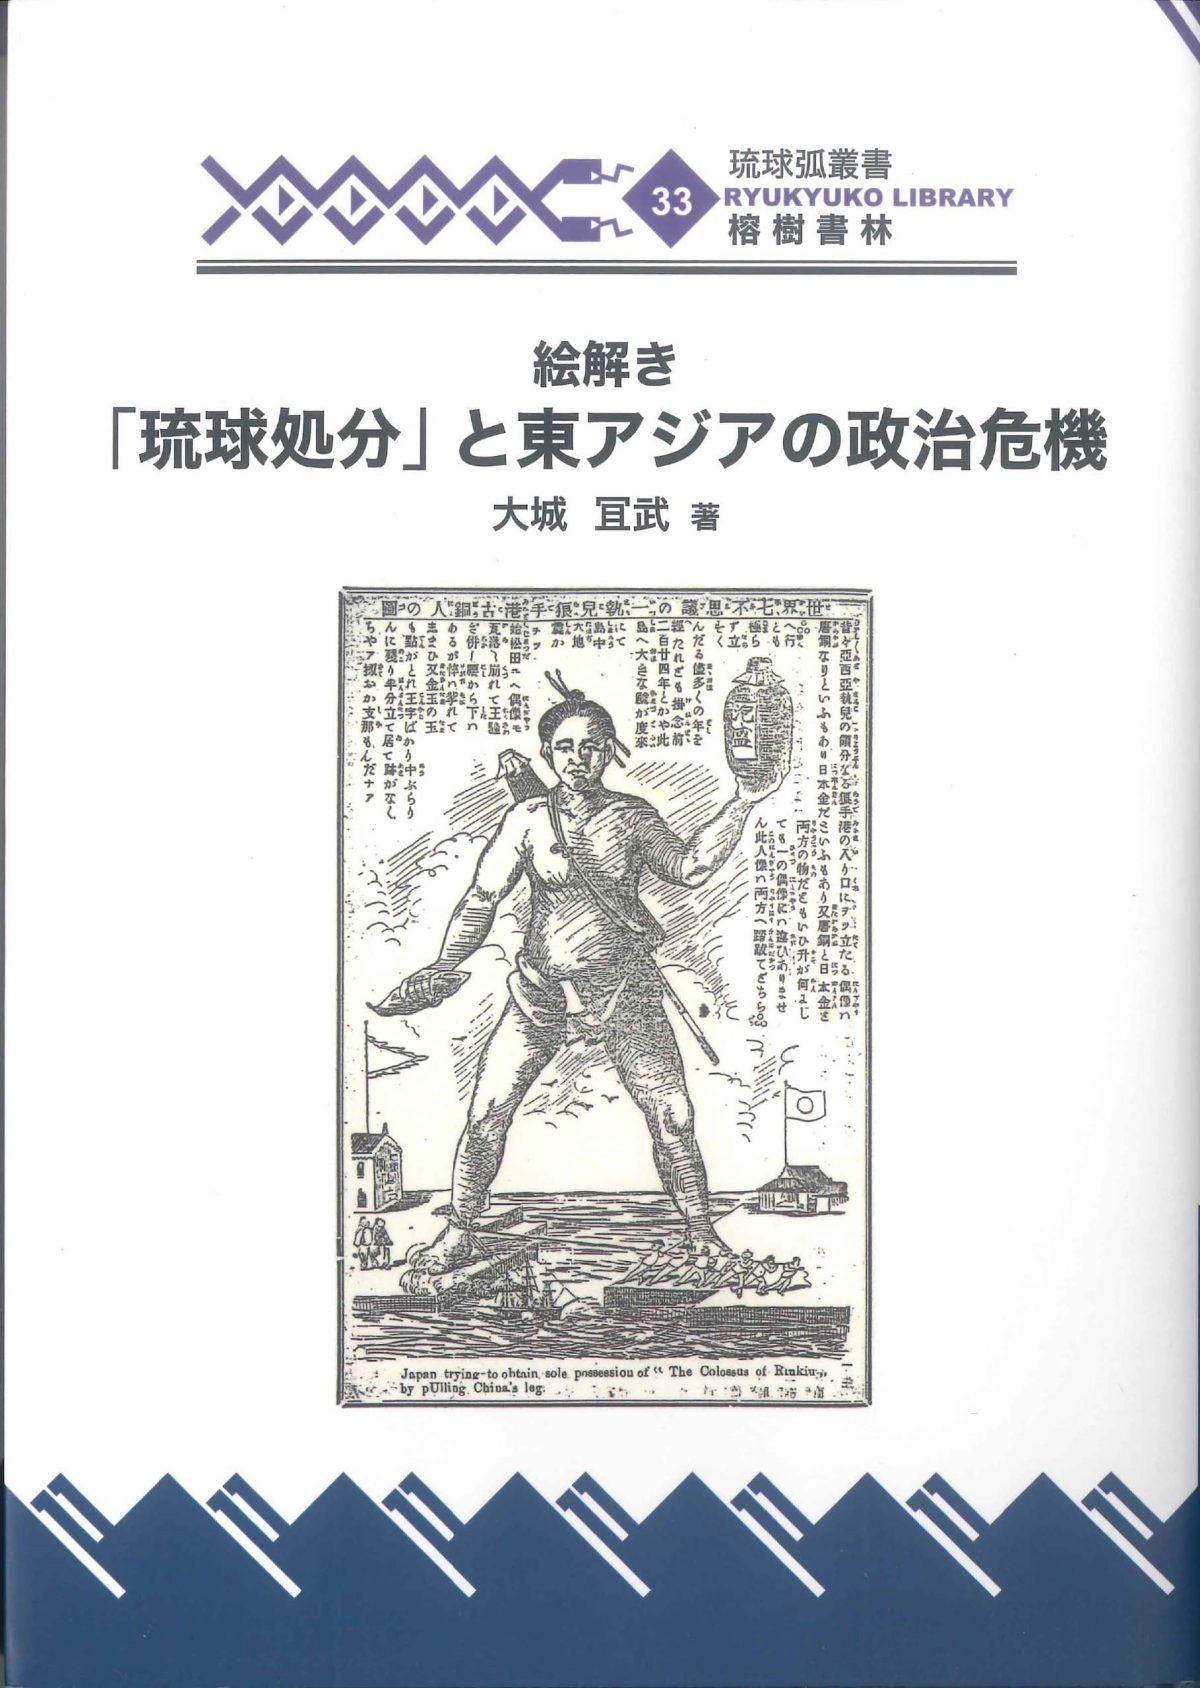 届きました!「絵解き『琉球処分』と東アジアの政治危機」大城冝武著